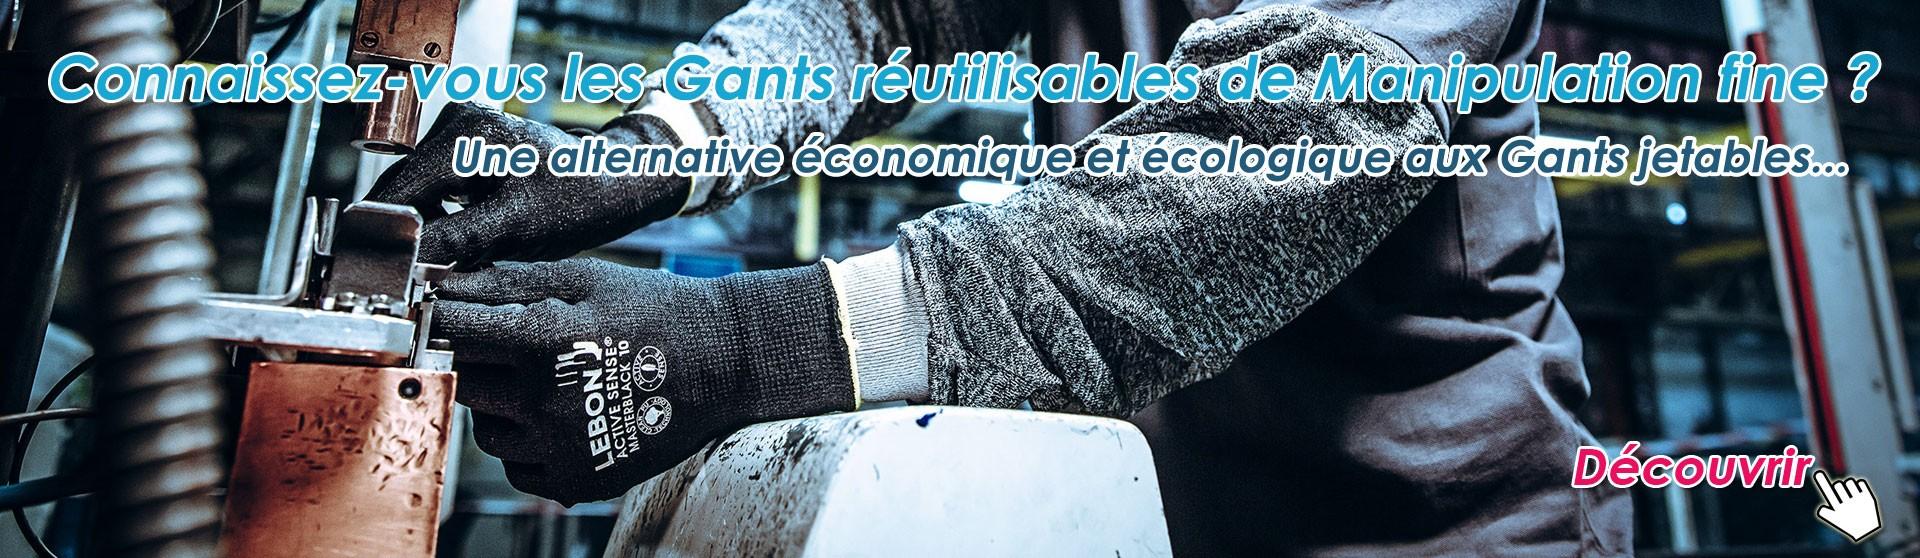 Une alternative économique et écologique aux Gants jetables...